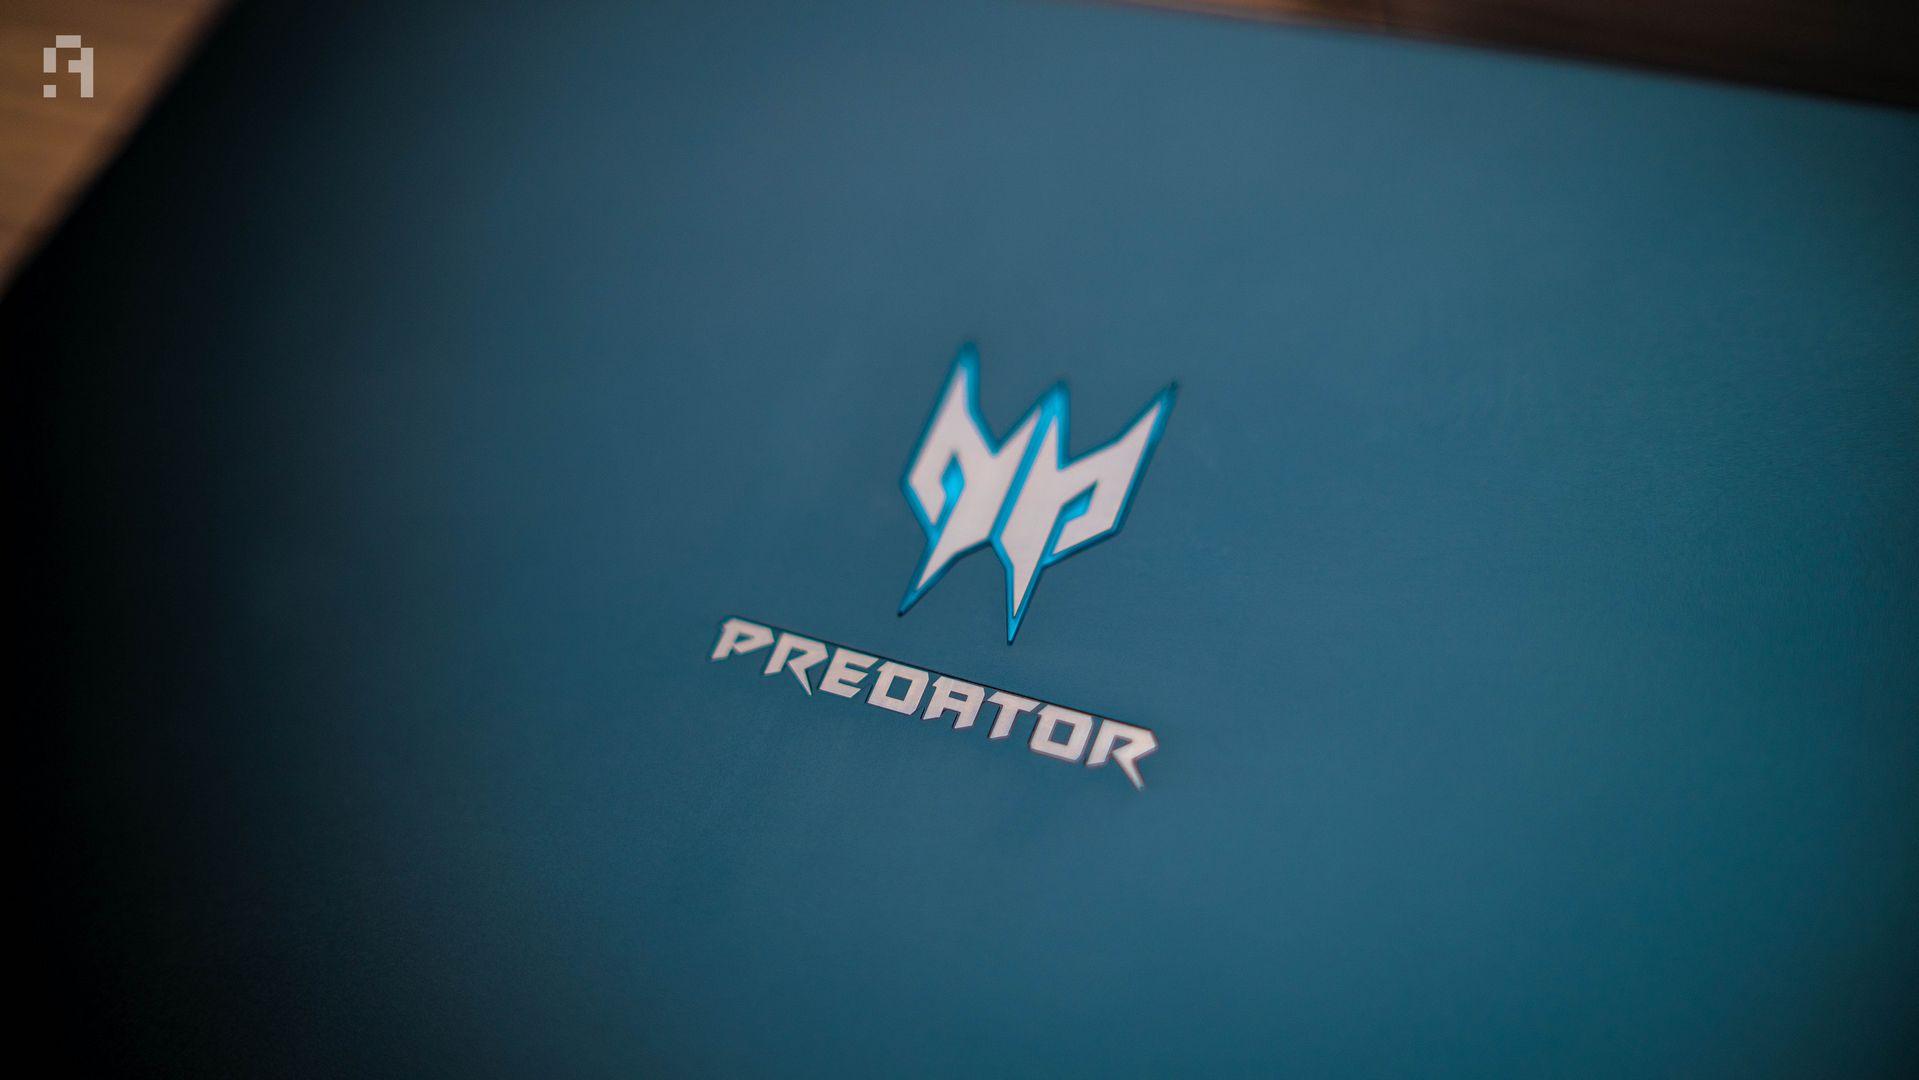 لاب توب Predator Triton 500 من شركة Acer